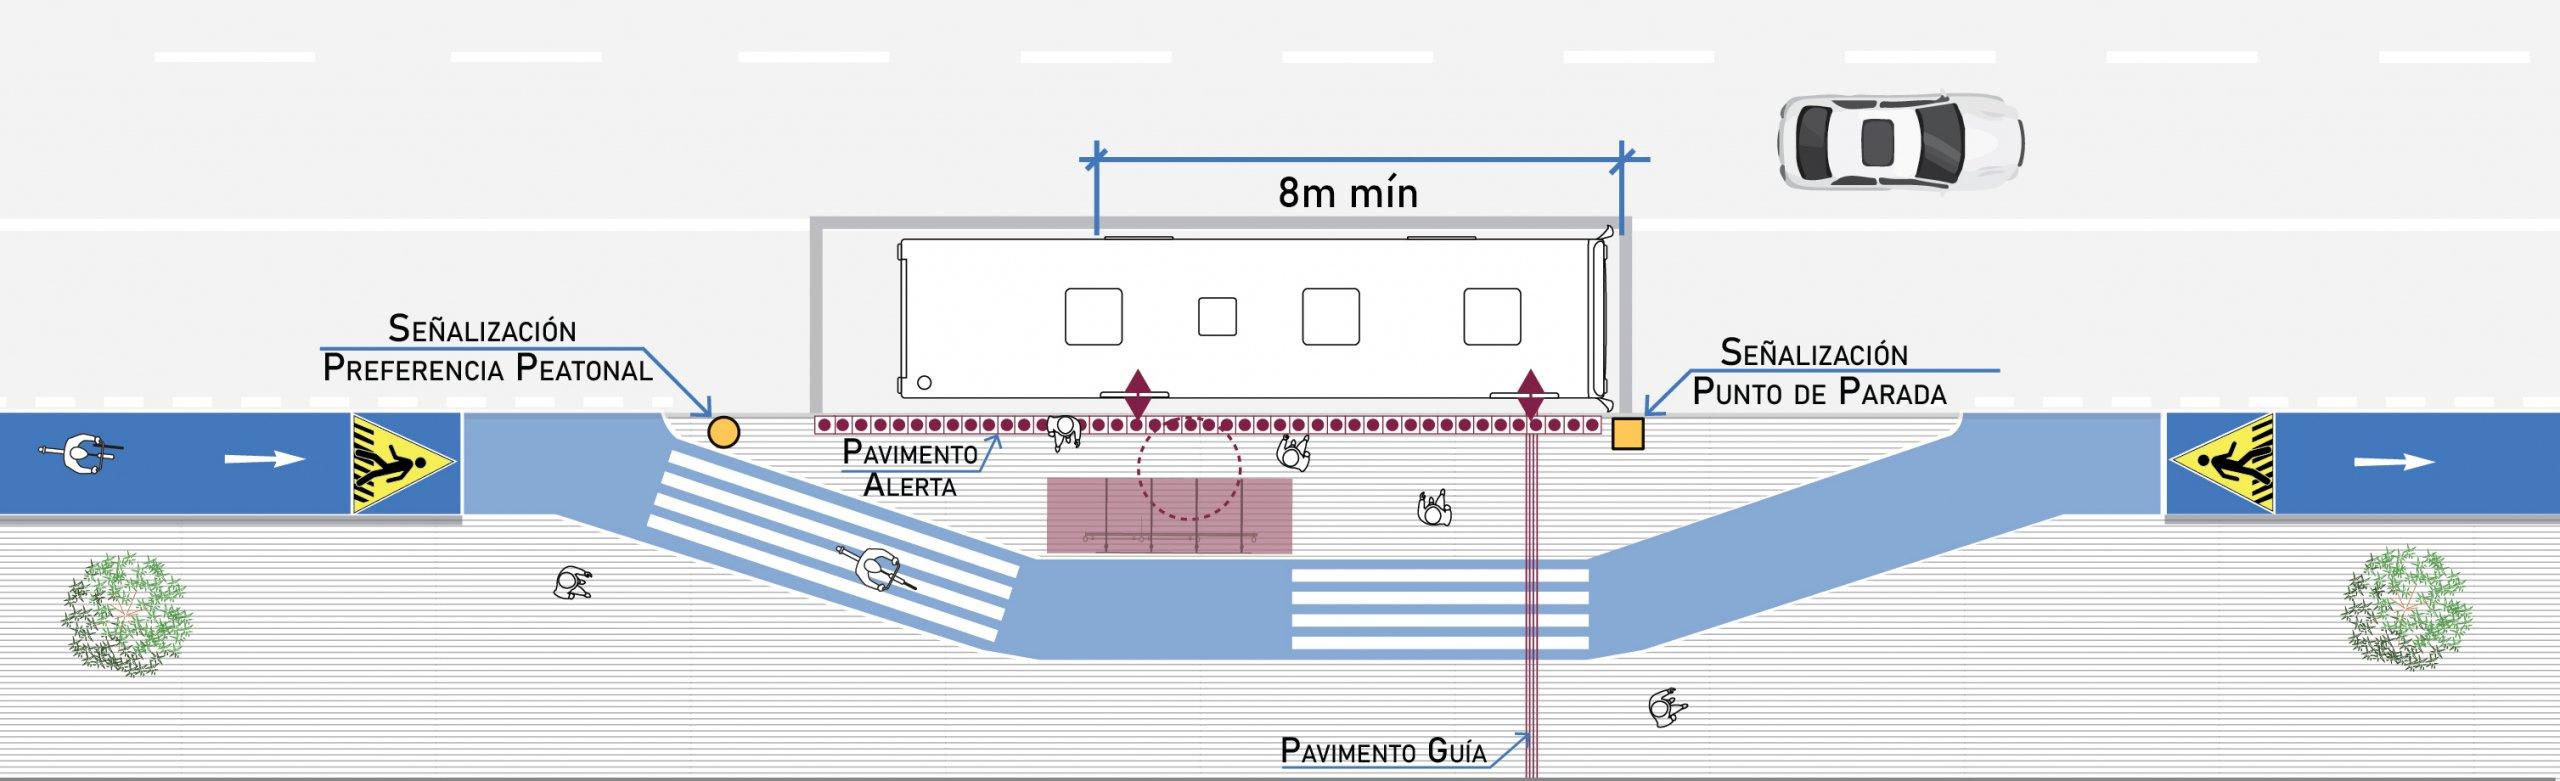 figura de ciclovía que circula entre la vereda y el paradero con clara demarcación de preferencia peatonal